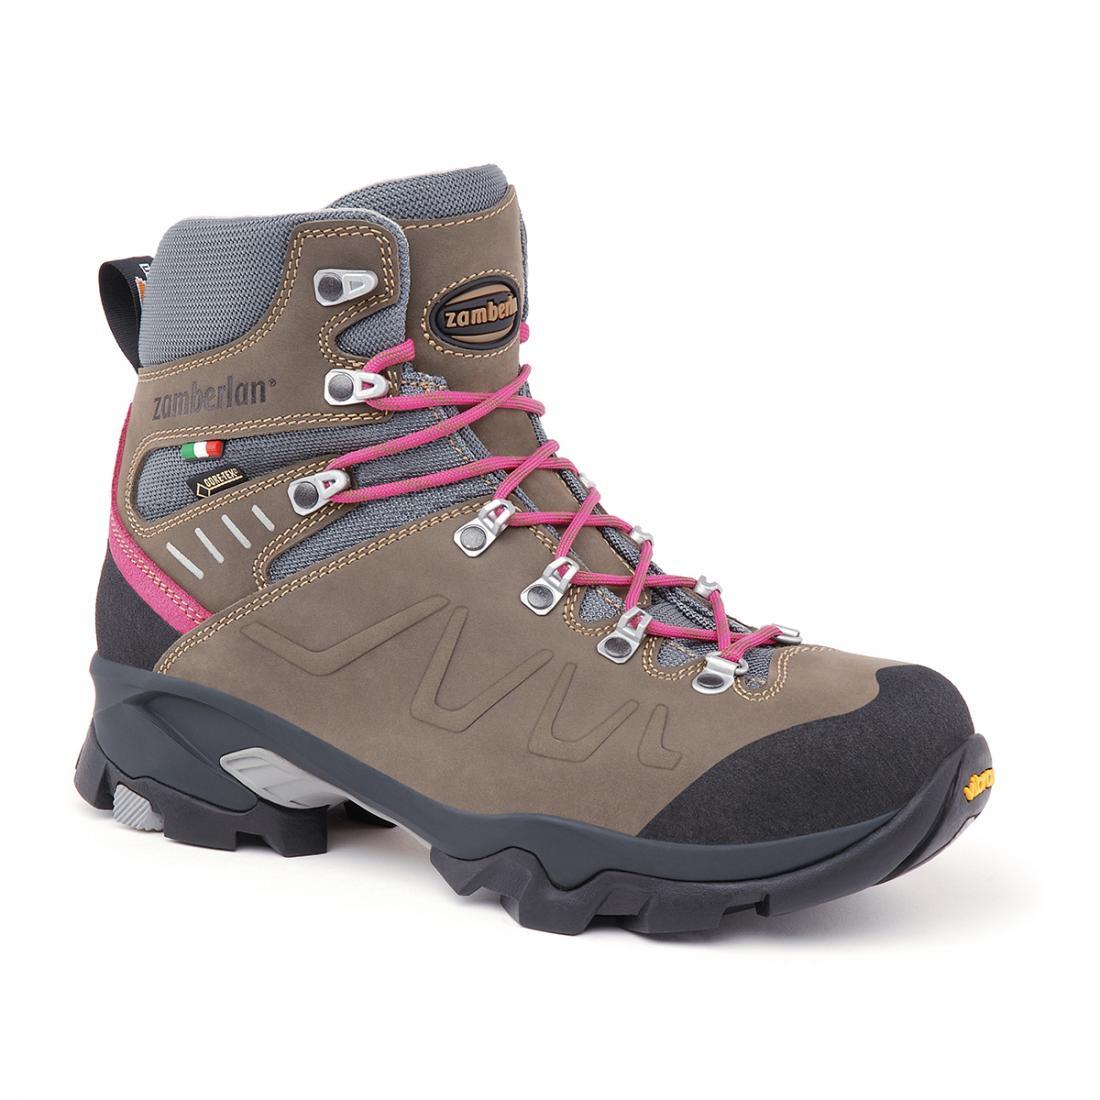 Ботинки 982 QUASAR GTX WNS Zamberlan коричневого цвета